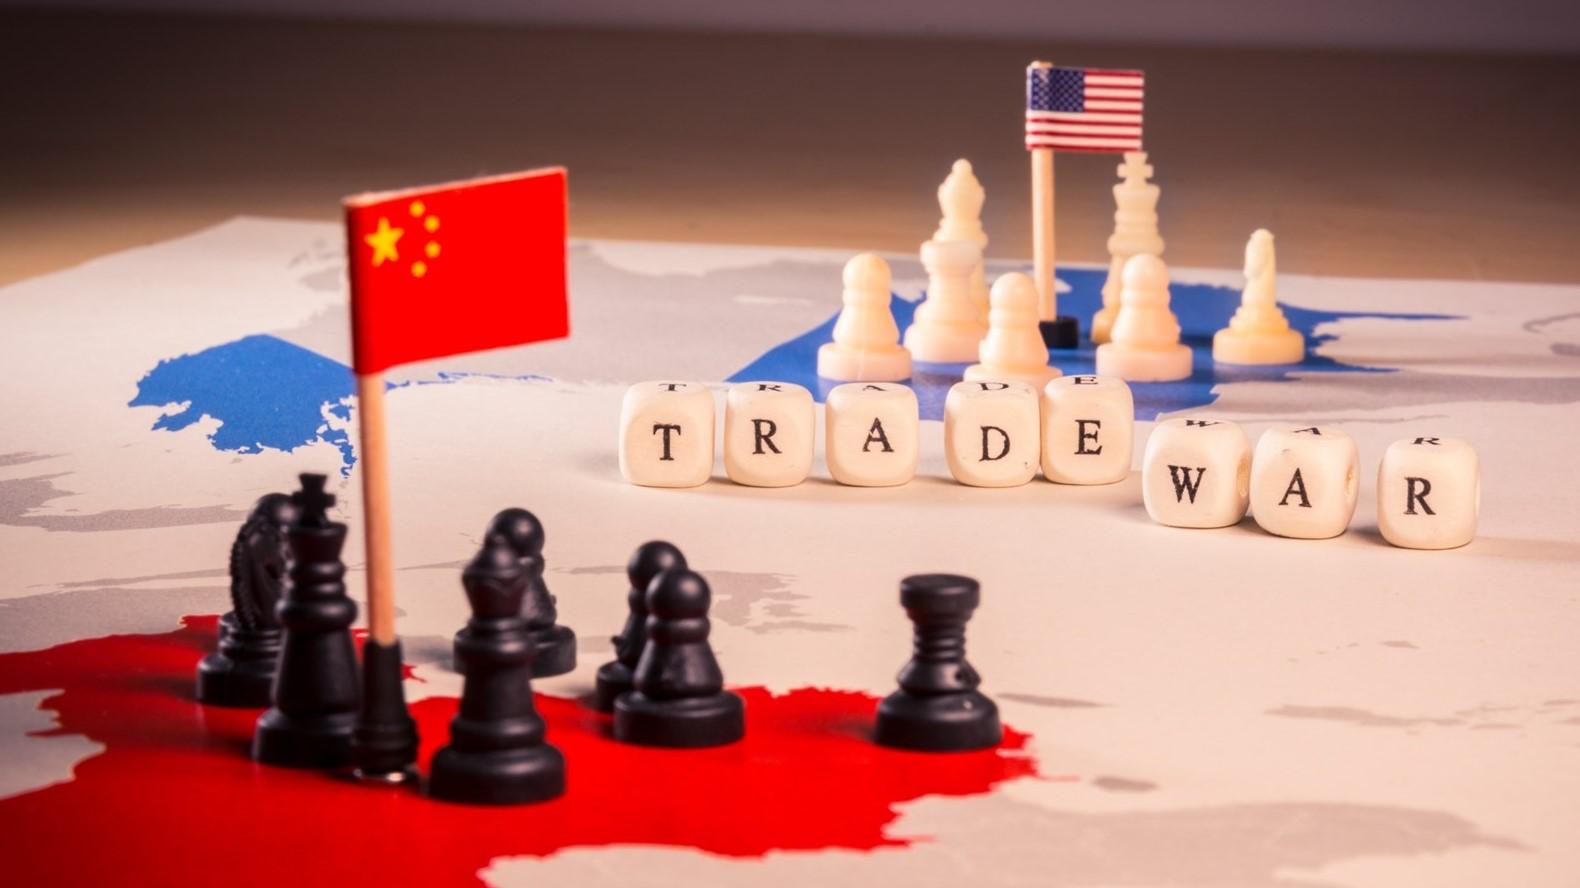 tradewar-16.9